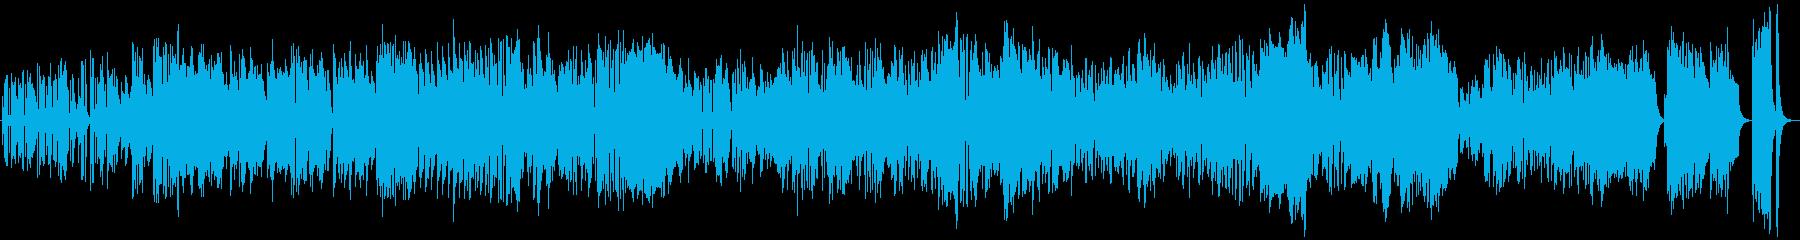 弦楽器を使用したクラシックピアノフ...の再生済みの波形